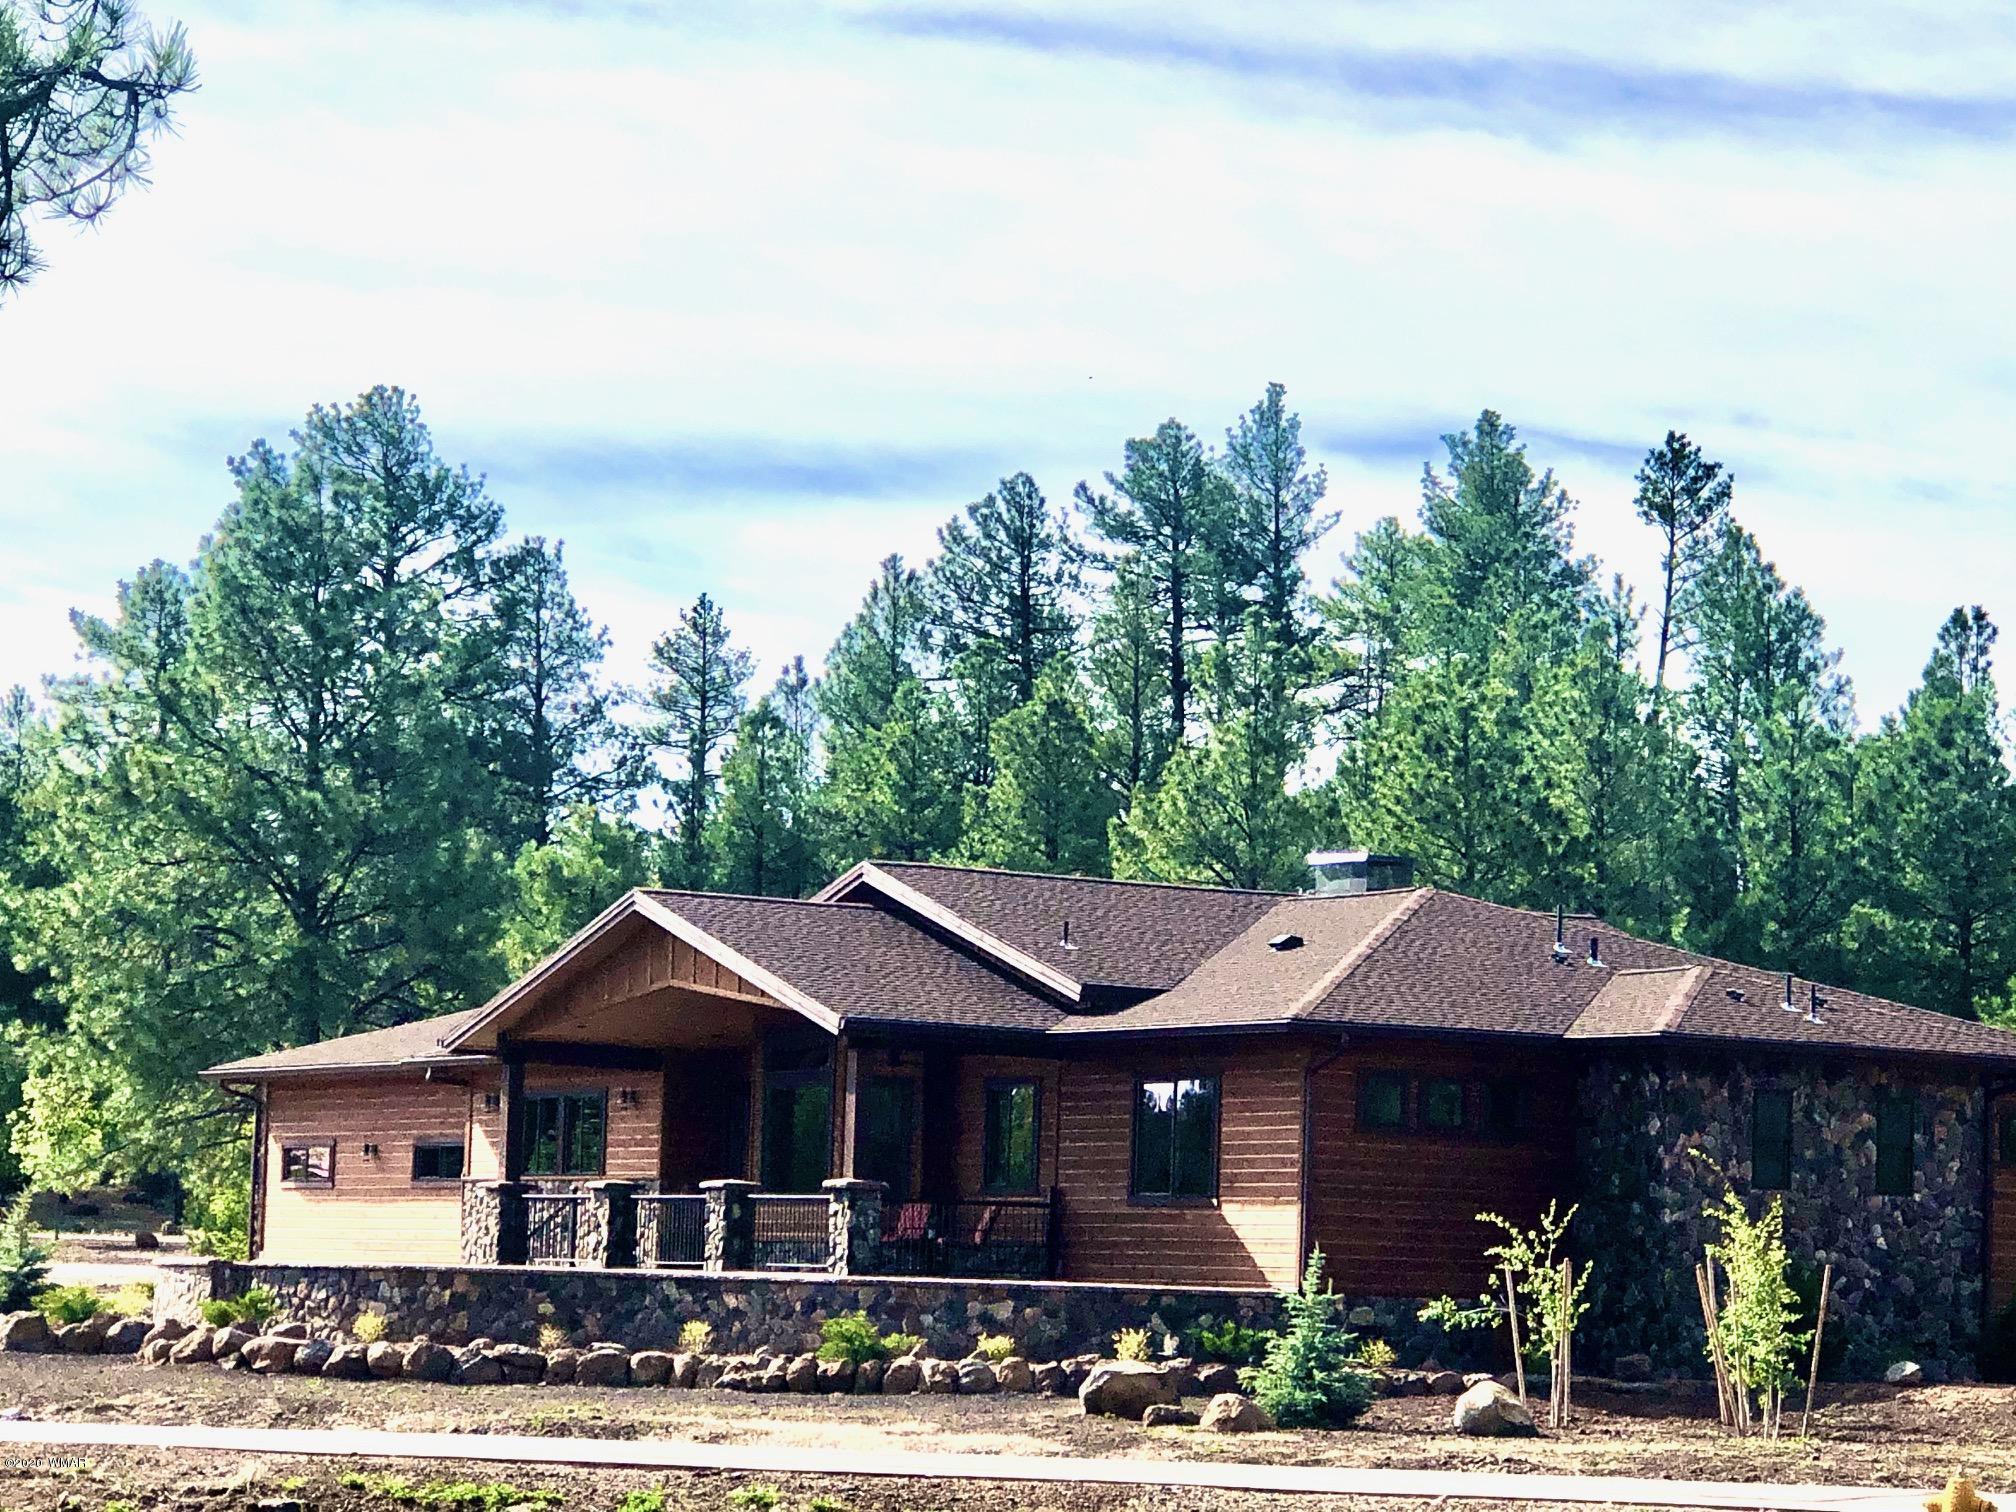 9527 Sierra Springs Lane, Pinetop, Arizona 85935, 3 Bedrooms Bedrooms, ,3.5 BathroomsBathrooms,Residential,For Sale,Sierra Springs,219460